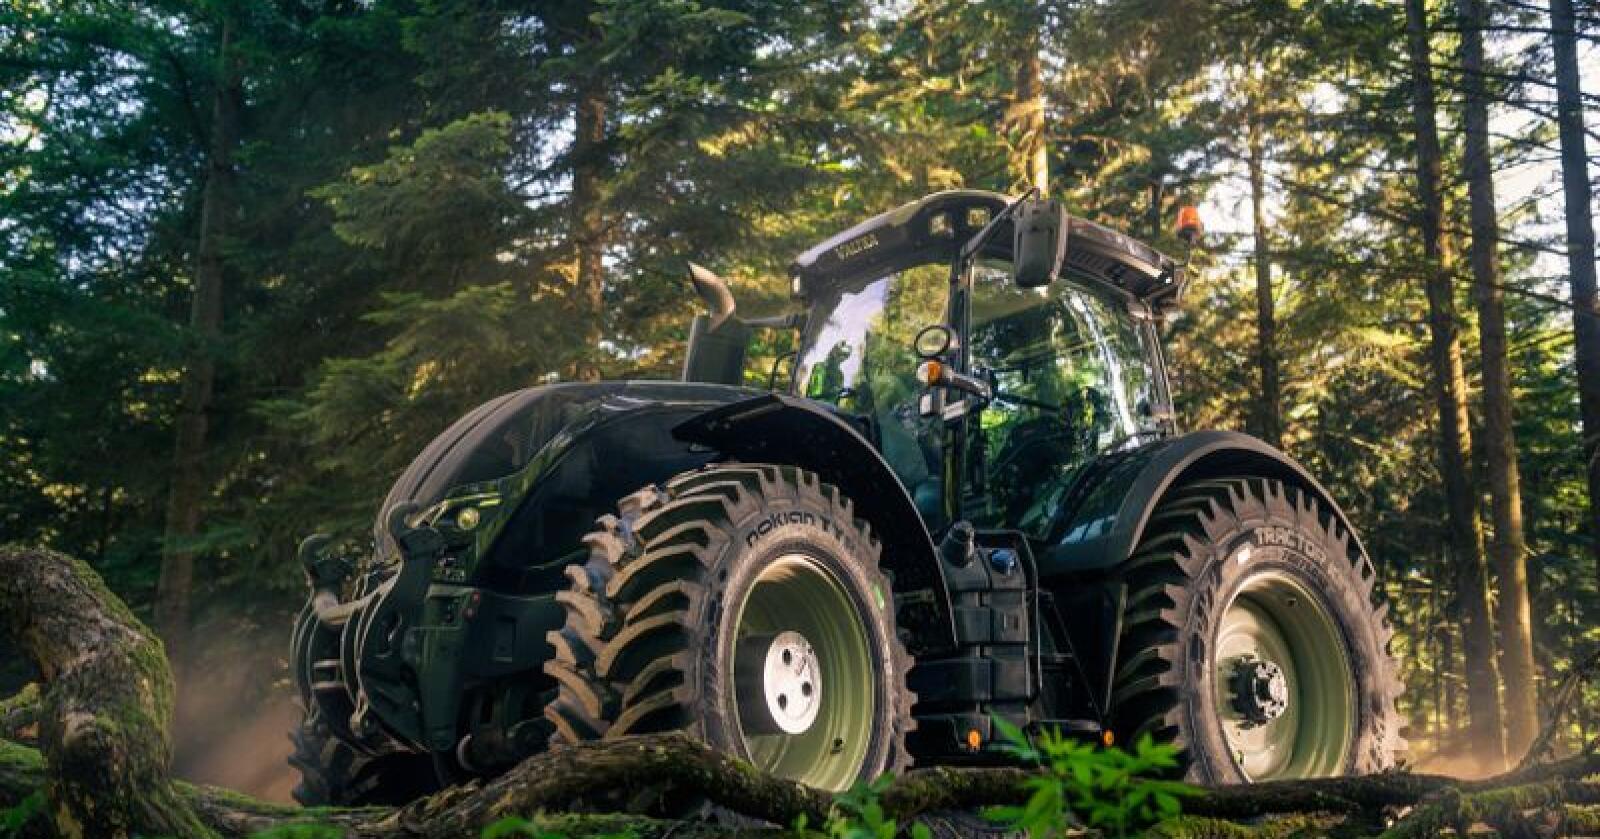 Nokians nye Tractor King skal i følge produsenten forene anleggsdekkets styrke med trakordekkets særegne egenskaper